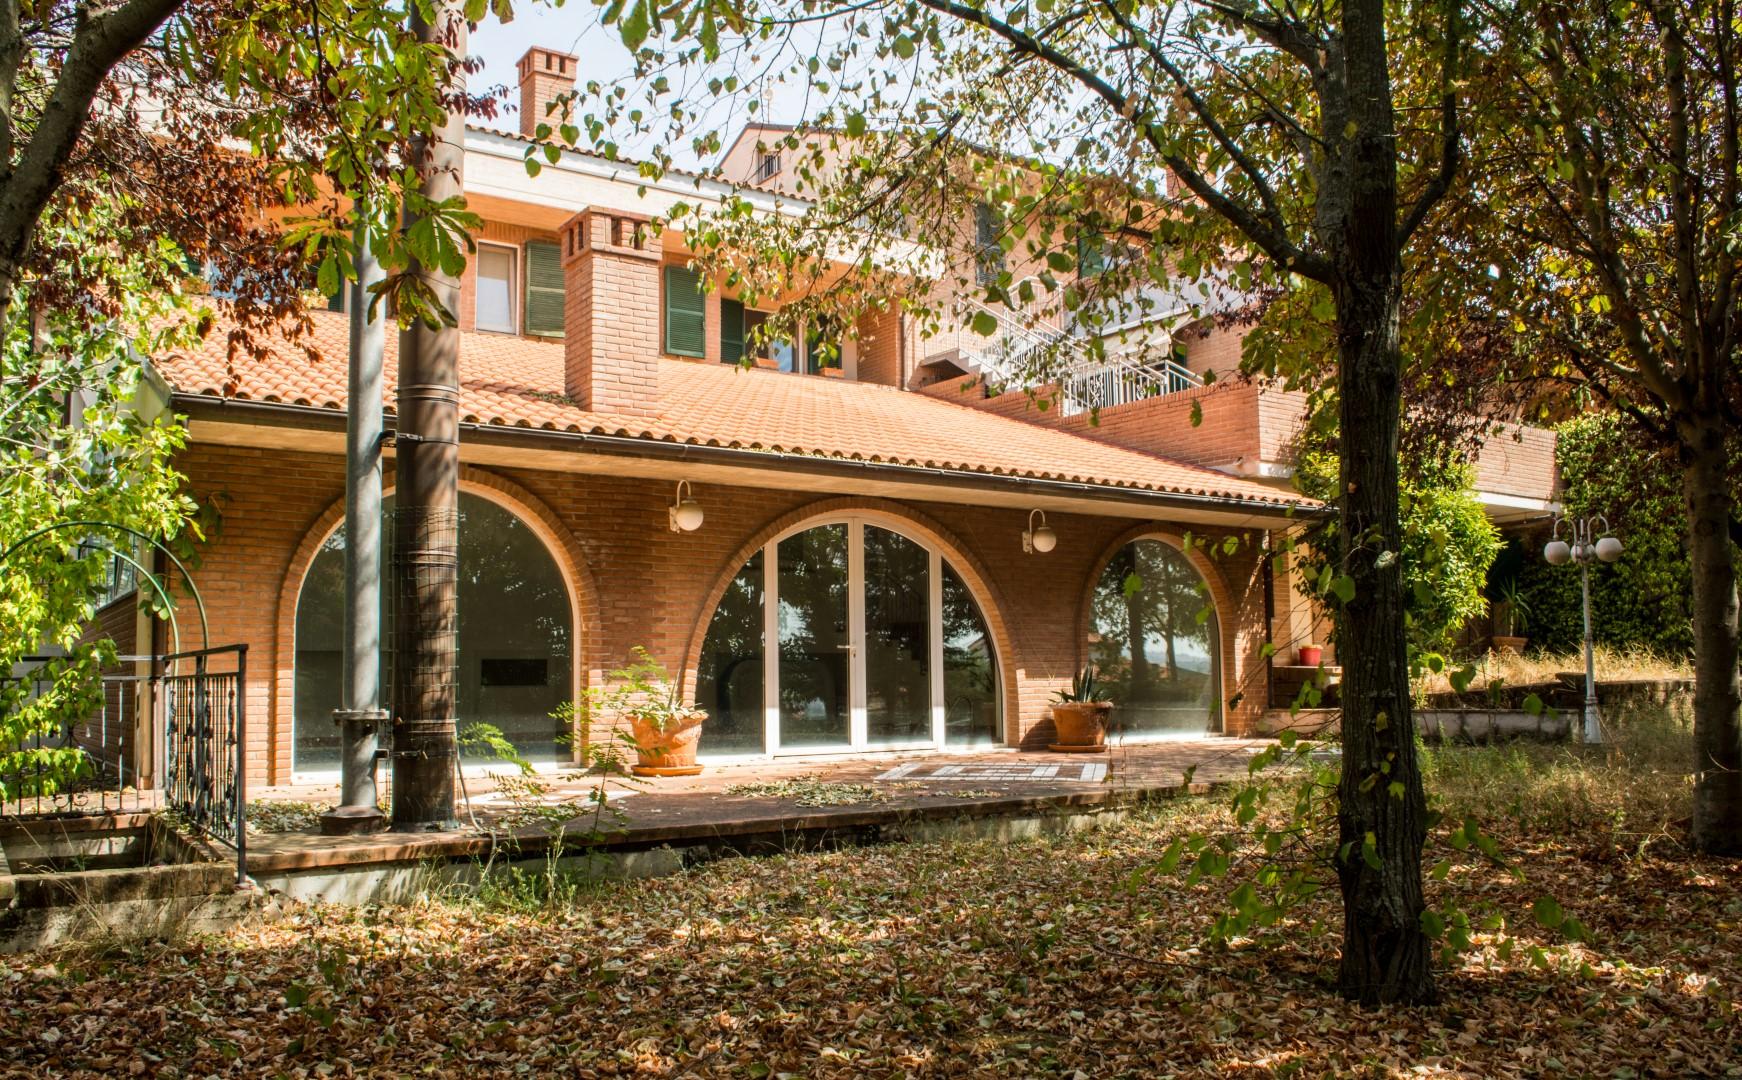 Villa in vendita a Camerata Picena, 10 locali, prezzo € 770.000 | CambioCasa.it